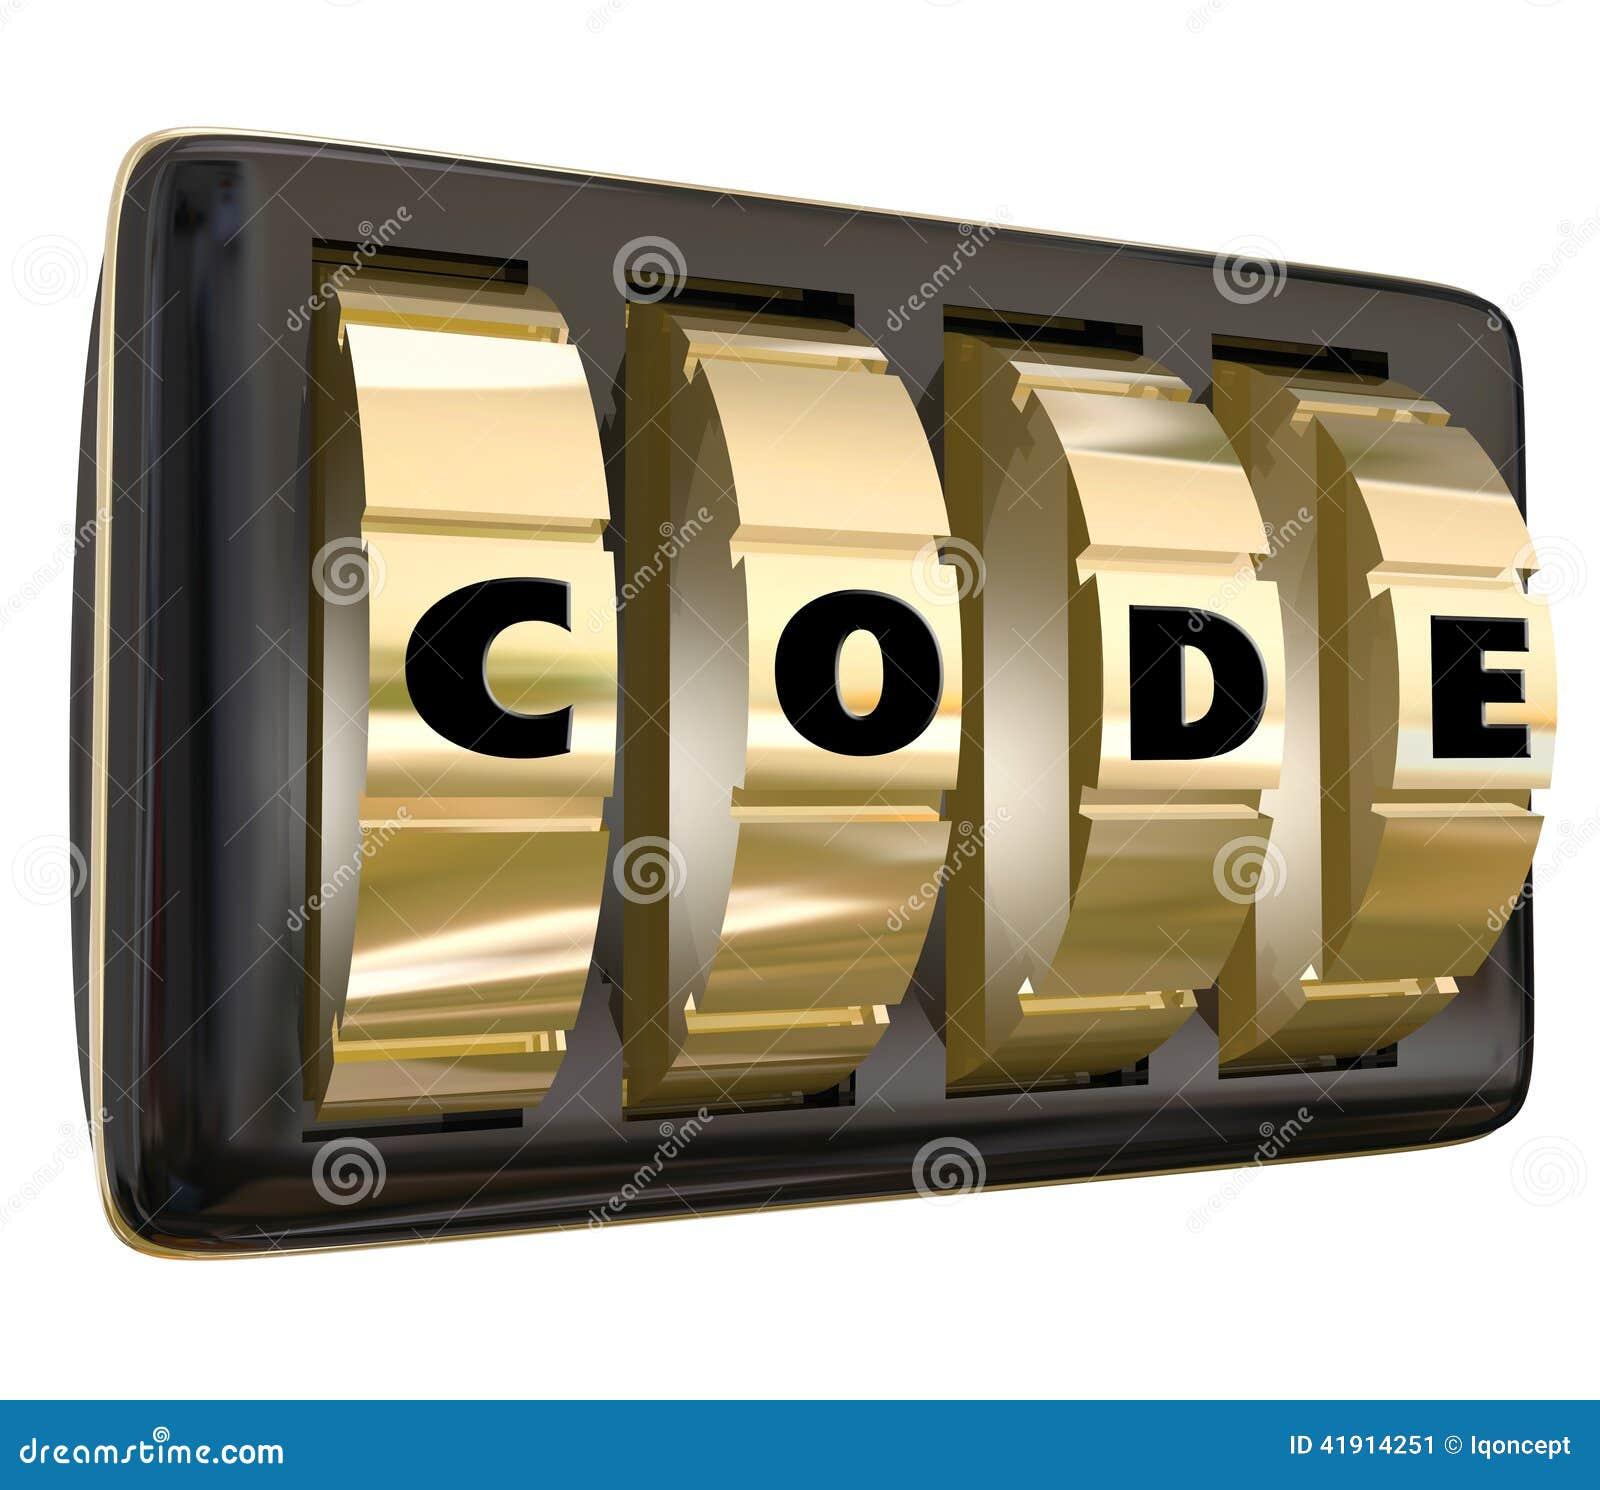 Cifre la contraseña Acce de la información clasificada del secreto de los diales de la cerradura de la palabra